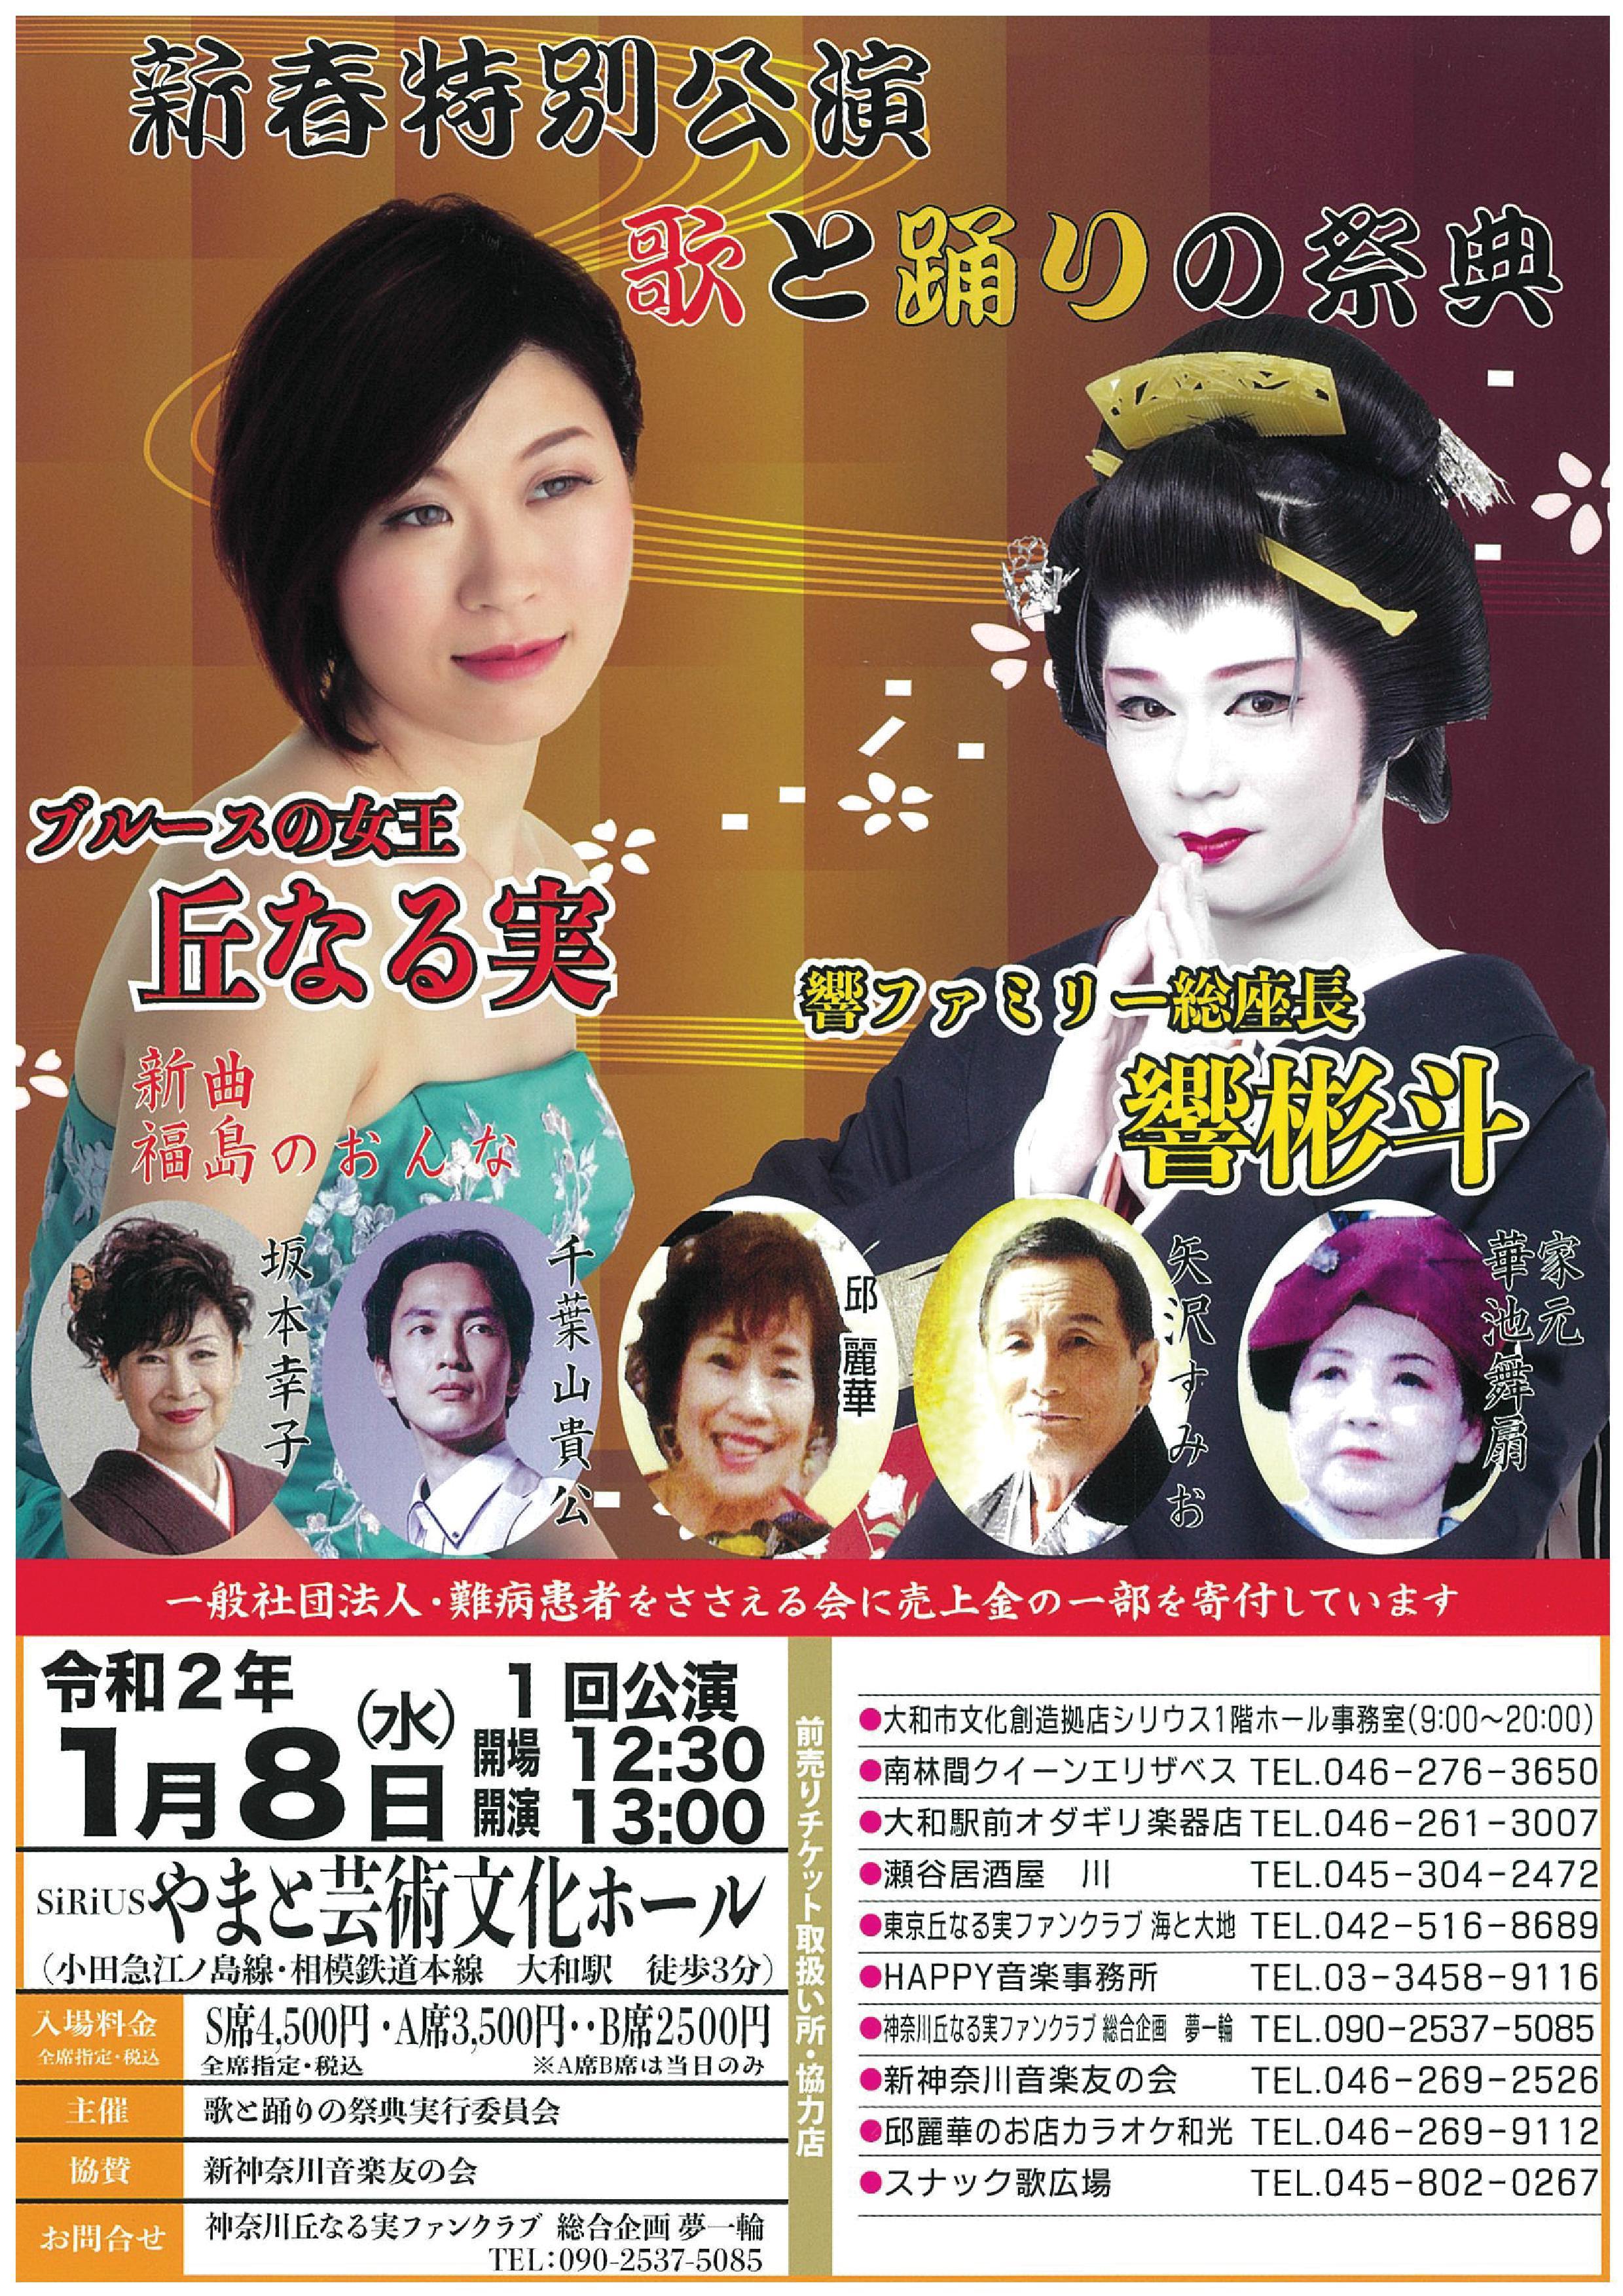 新春特別公演 歌と踊りのショー